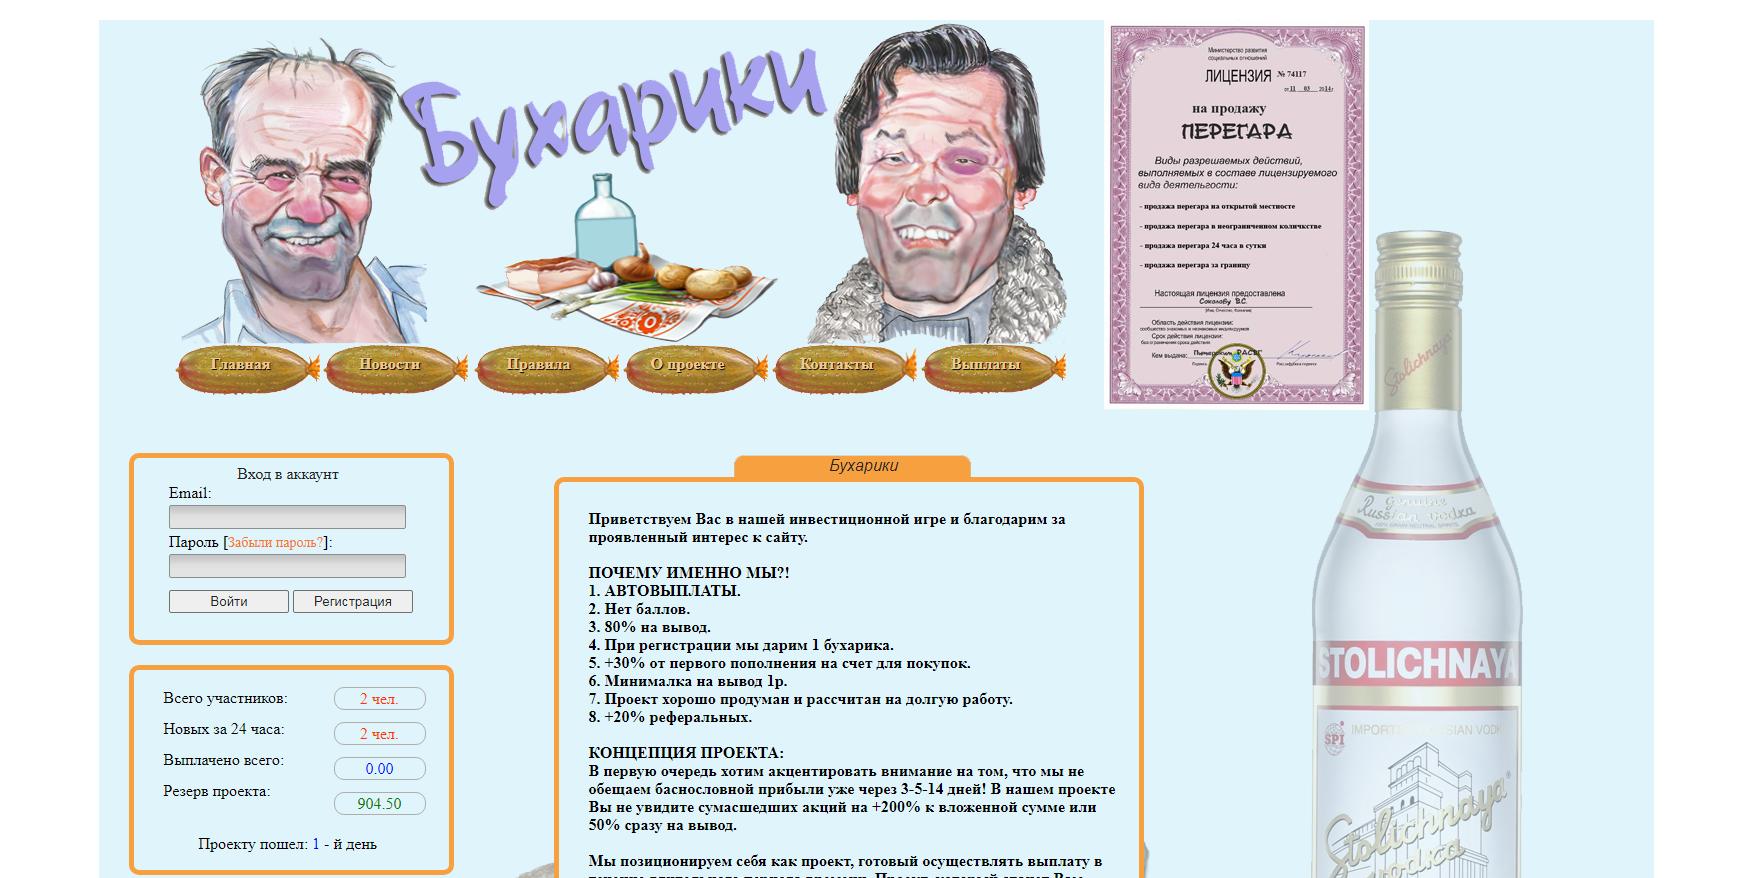 Скрипт игры Бухарики